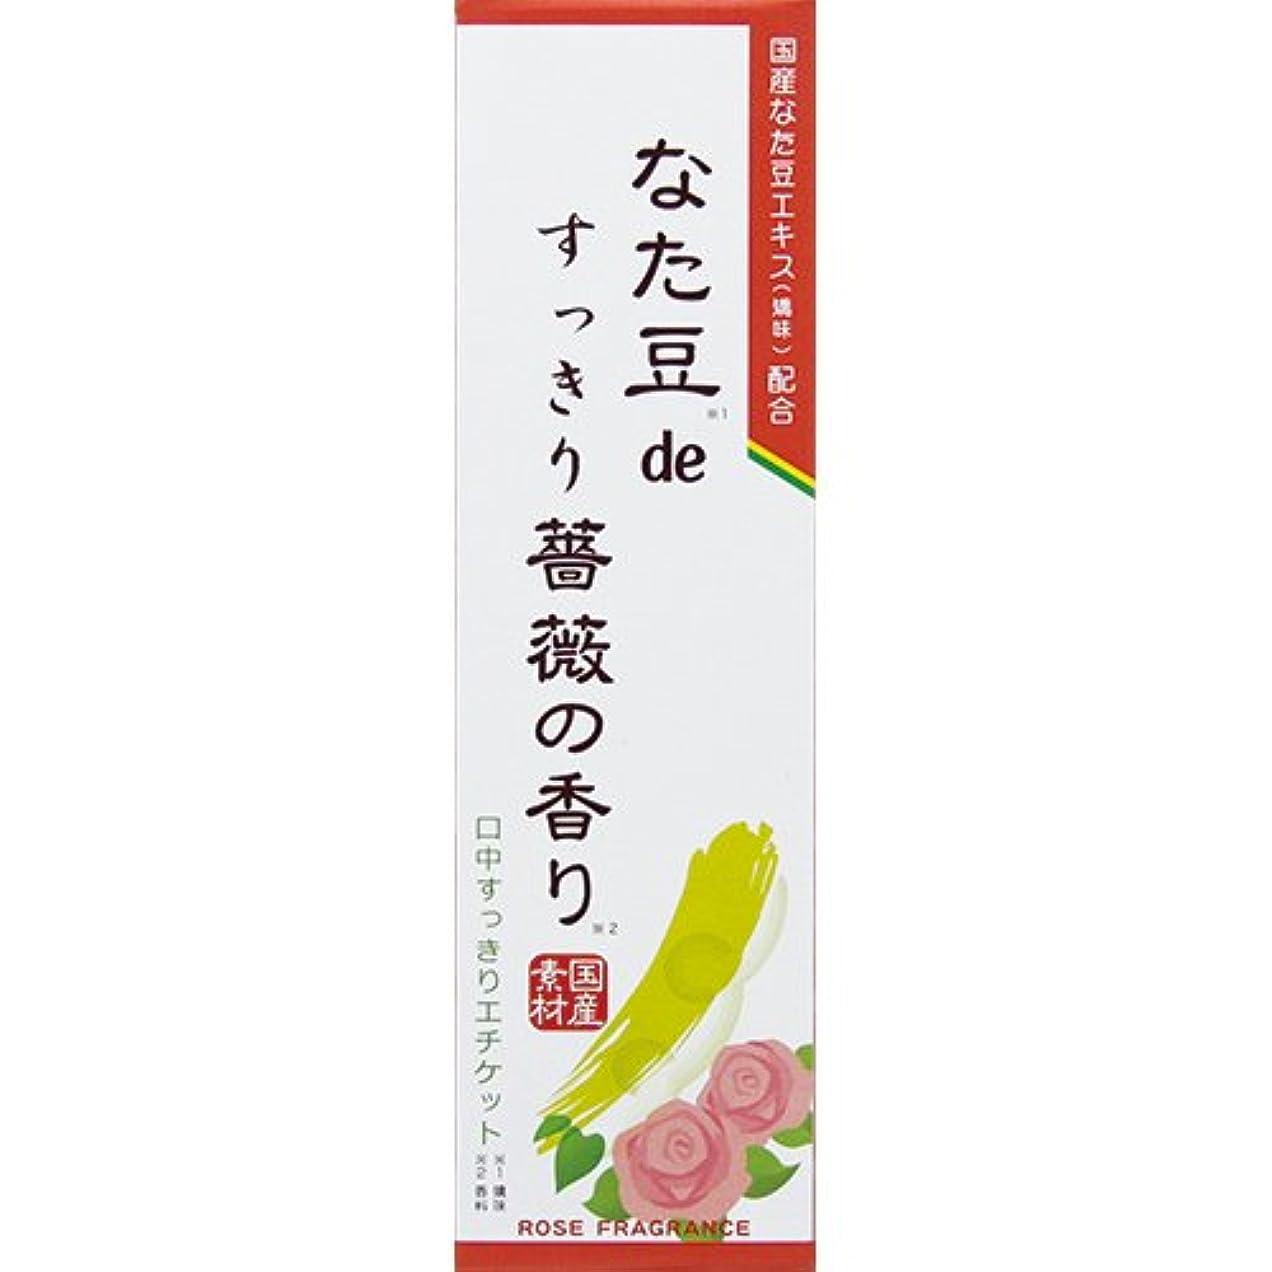 ものバドミントン男やもめなた豆deすっきり薔薇の香り 120g